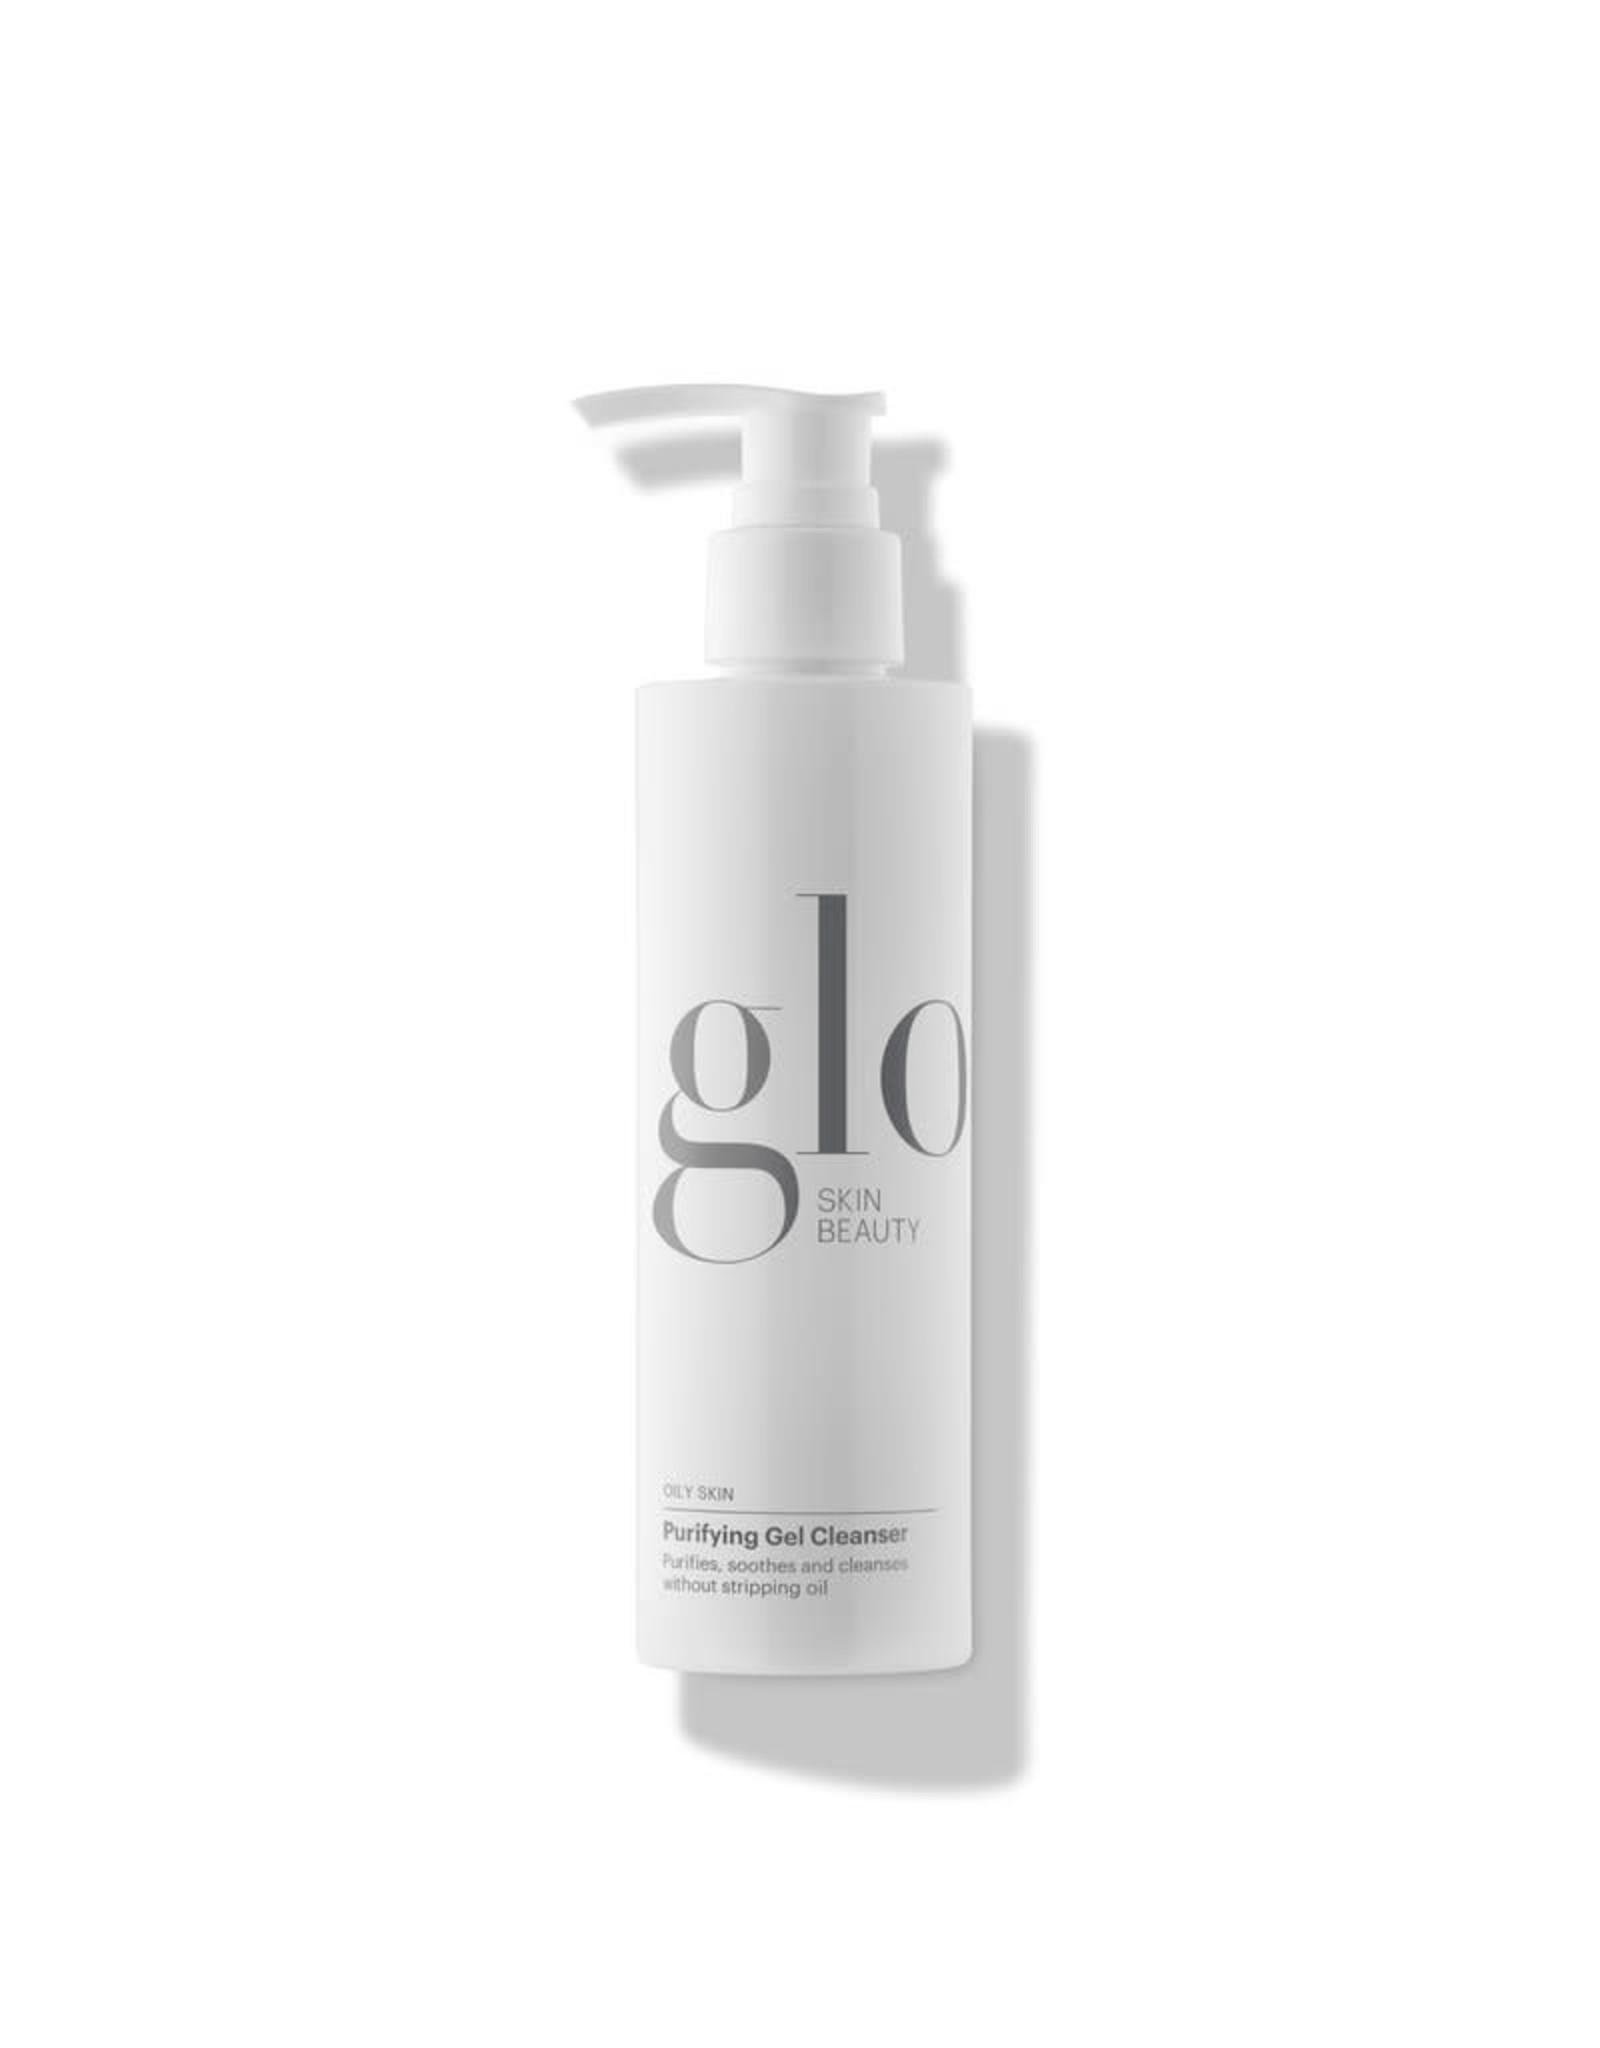 Glo Skin Beauty Purifying Gel Cleanser